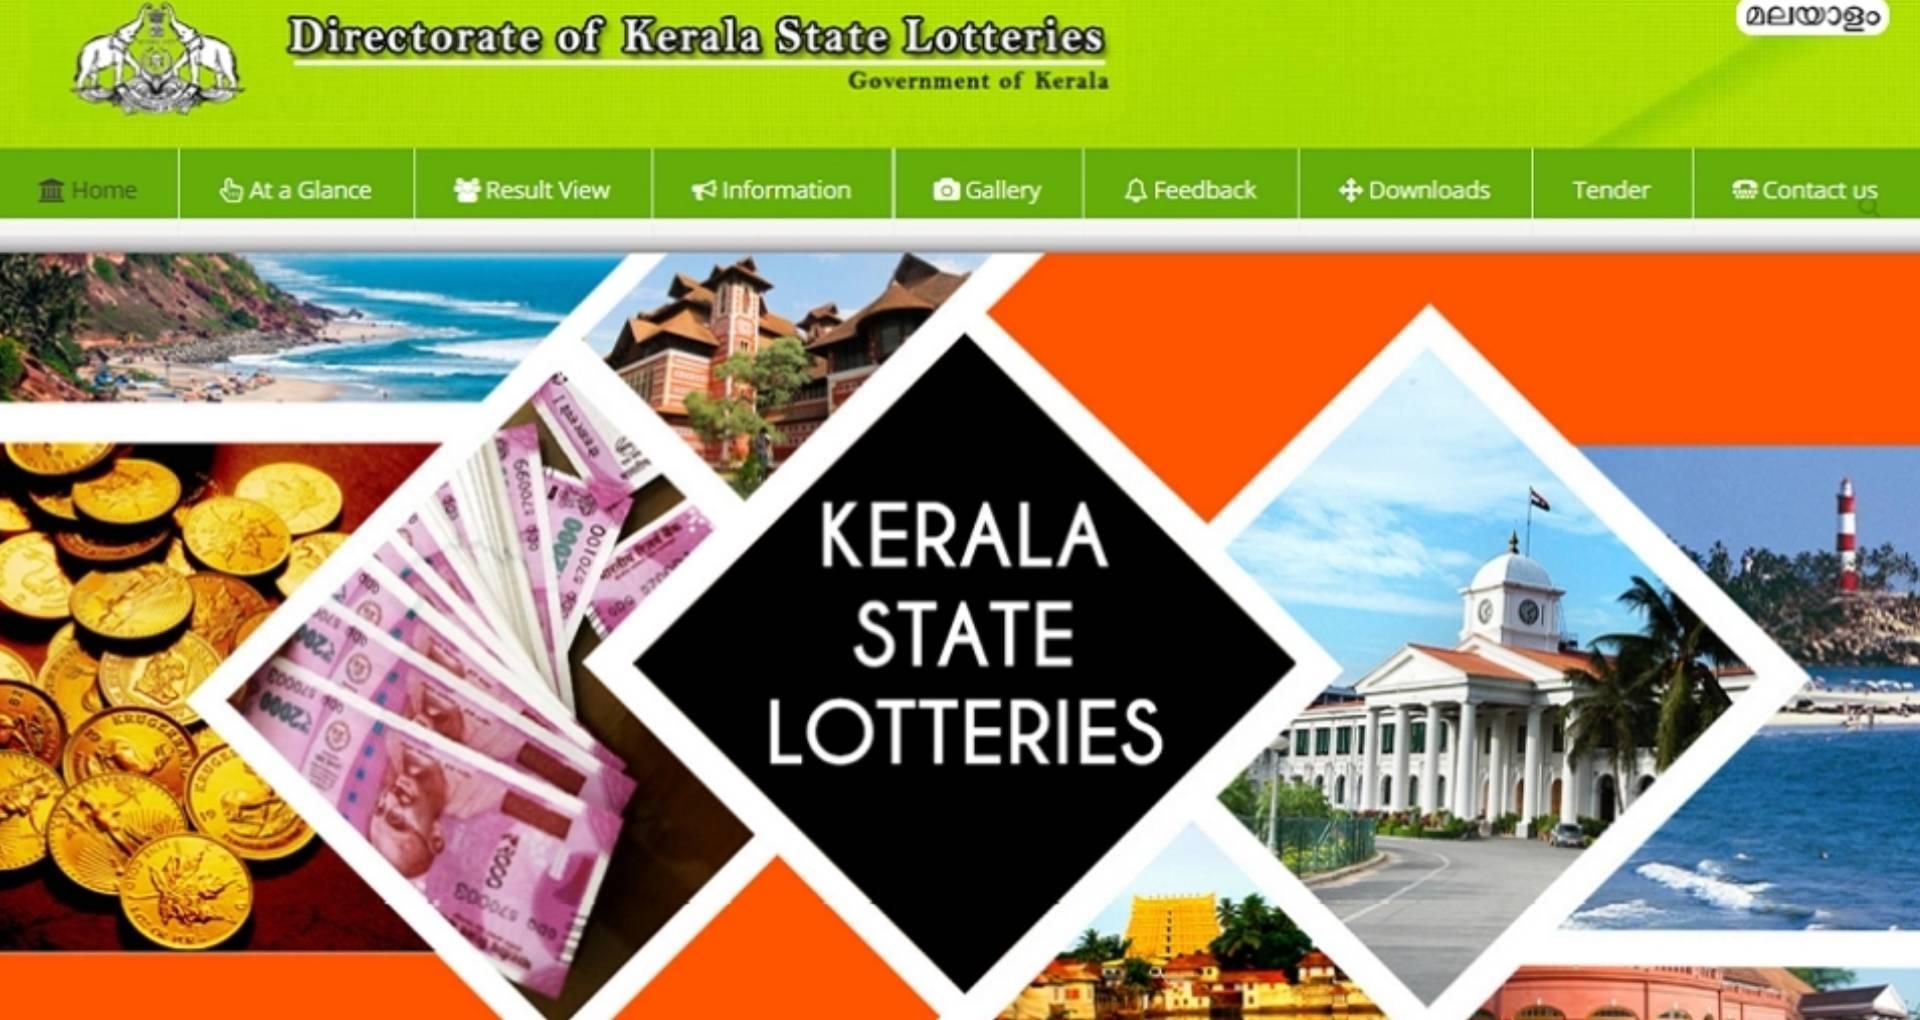 Kerala Lottery Karunya Plus KN-281 Results Out: केरल करुण्या प्लस लॉटरी में इनकी चमकी किस्मत, ये लोग बने लखपति